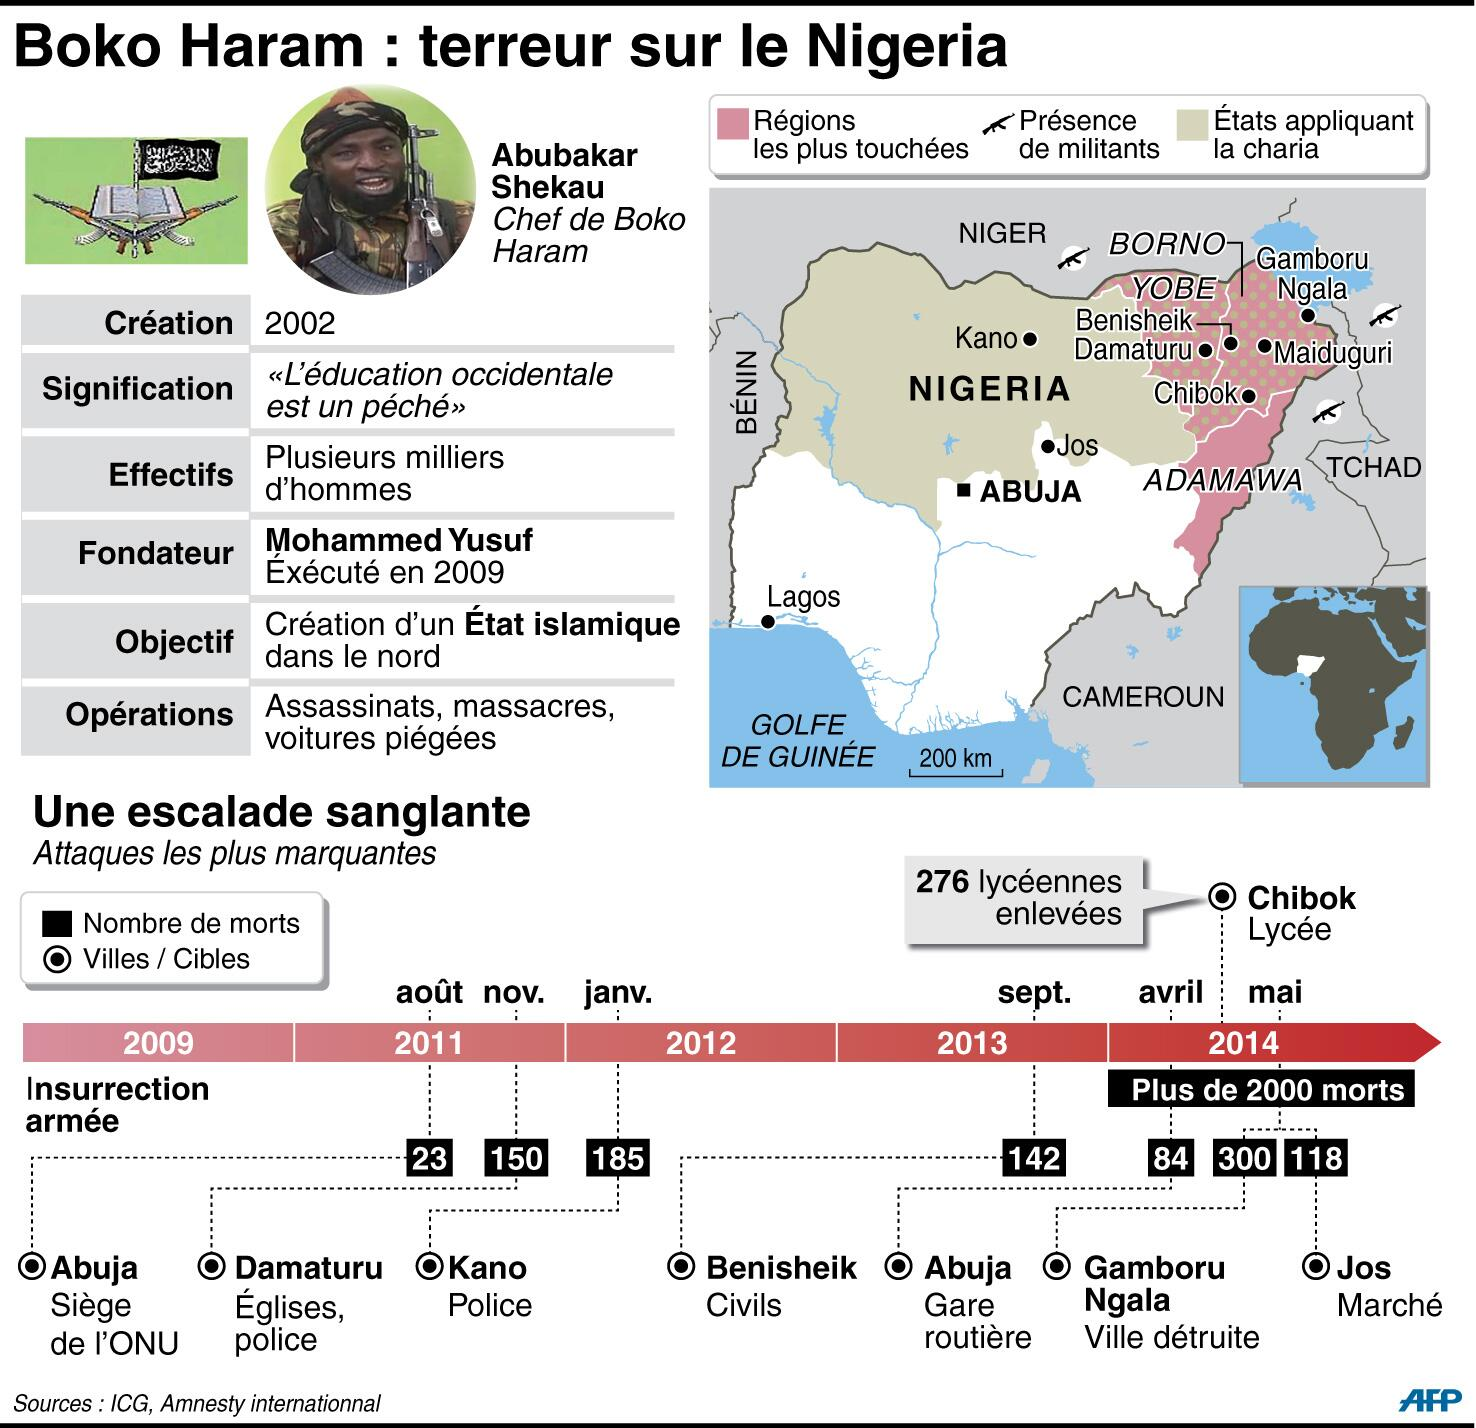 [INFOGRAPHIE] Boko Haram, les données clés sur le groupe qui sème la terreur au Nigeria #AFP http://t.co/HVtBqeCftI